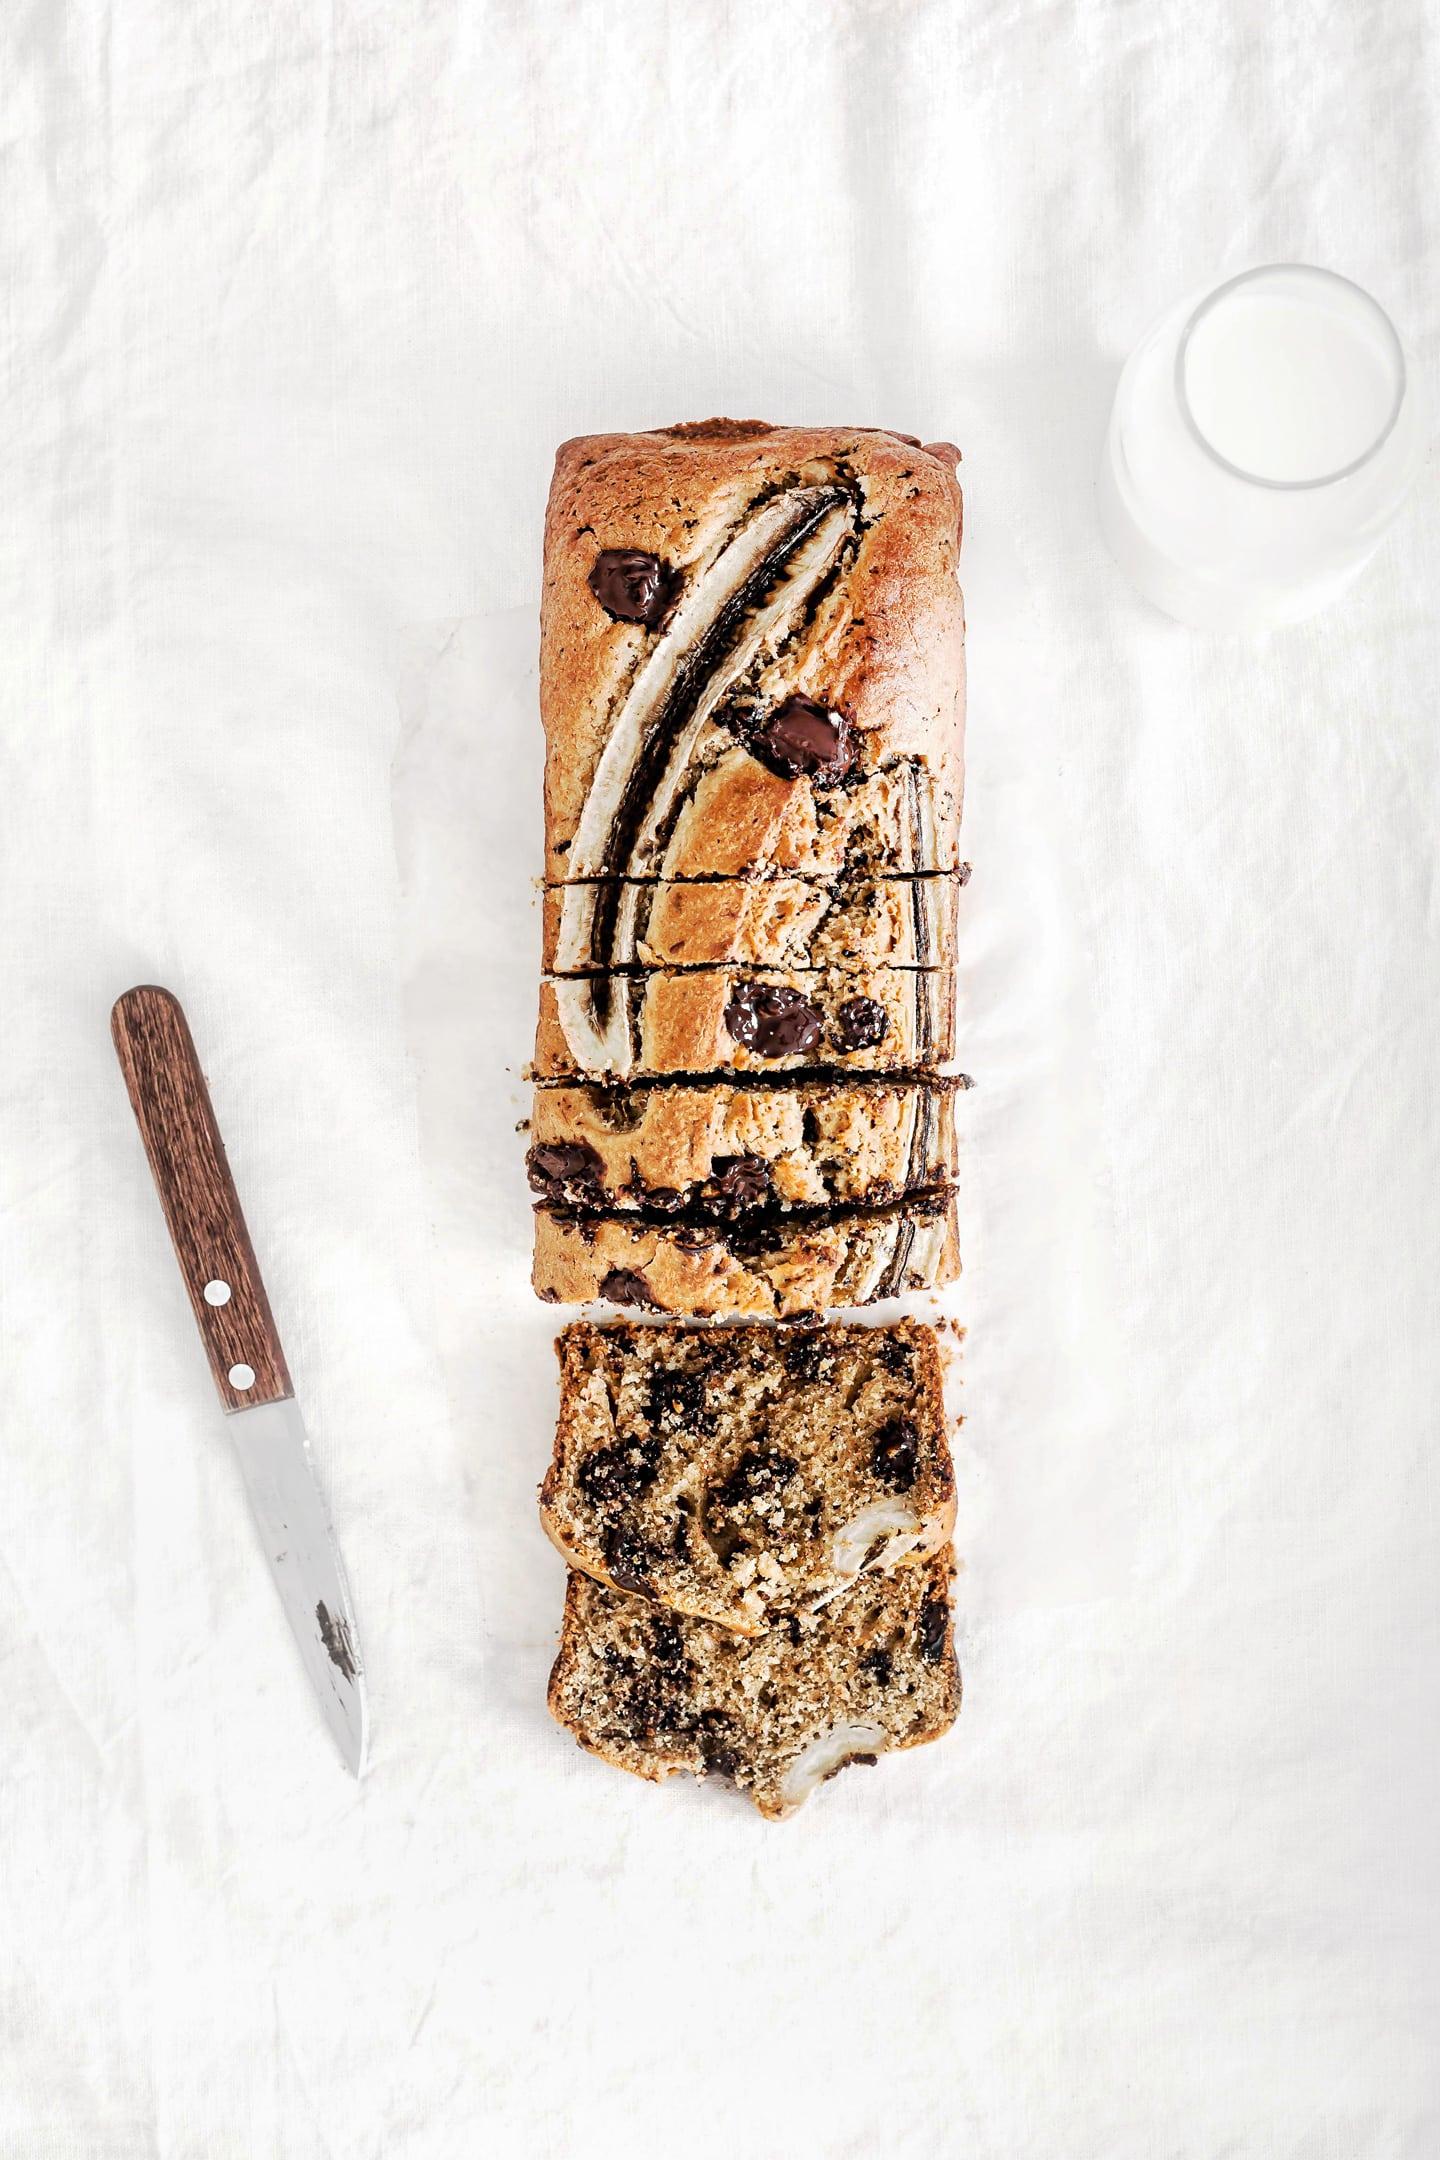 Easy recipe for banana bread